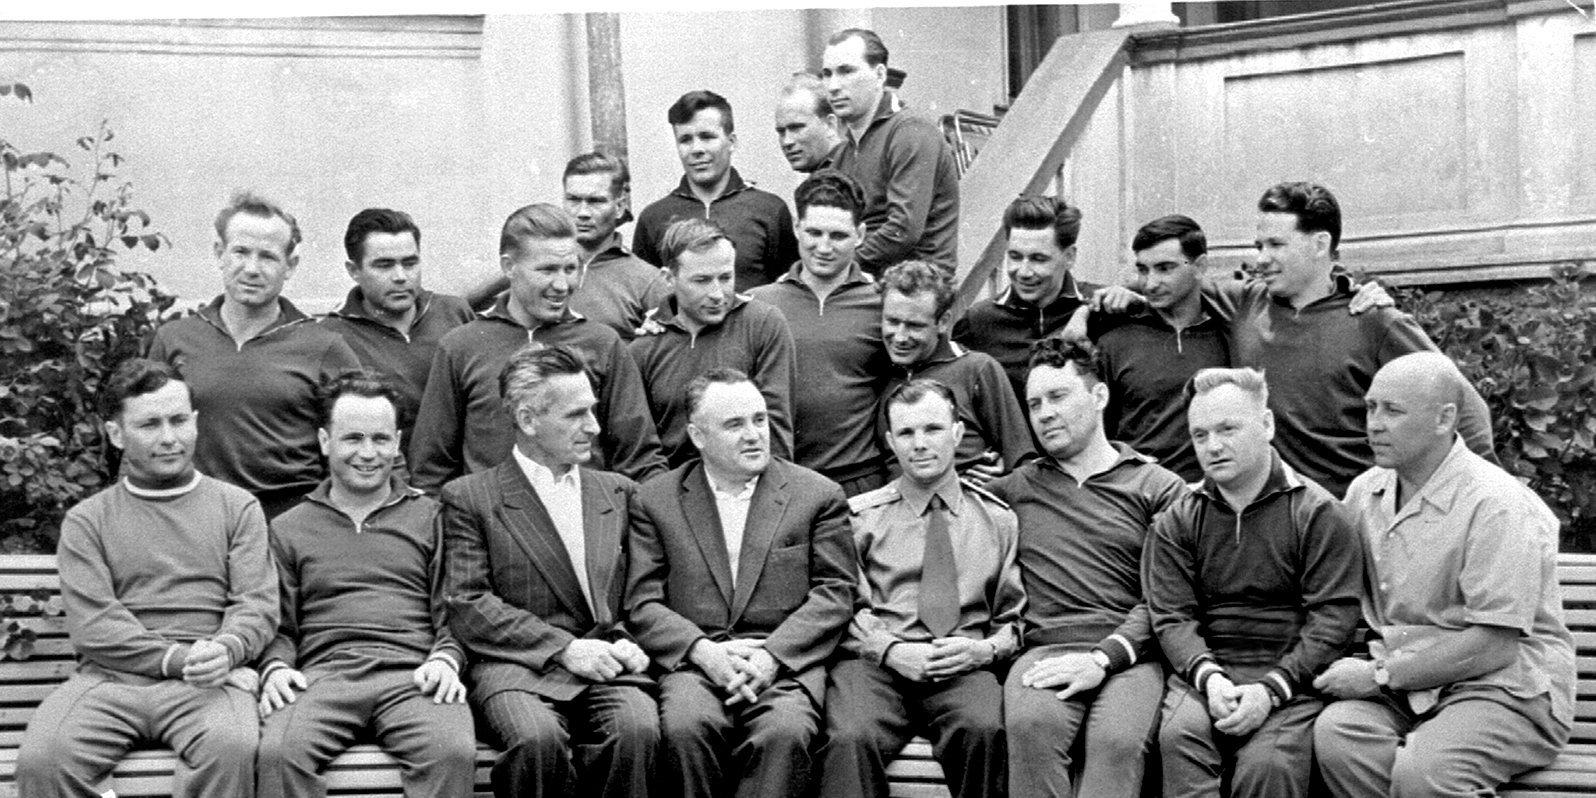 Первый̆ отряд космонавтов СССР. Фото: Музей космонавтики